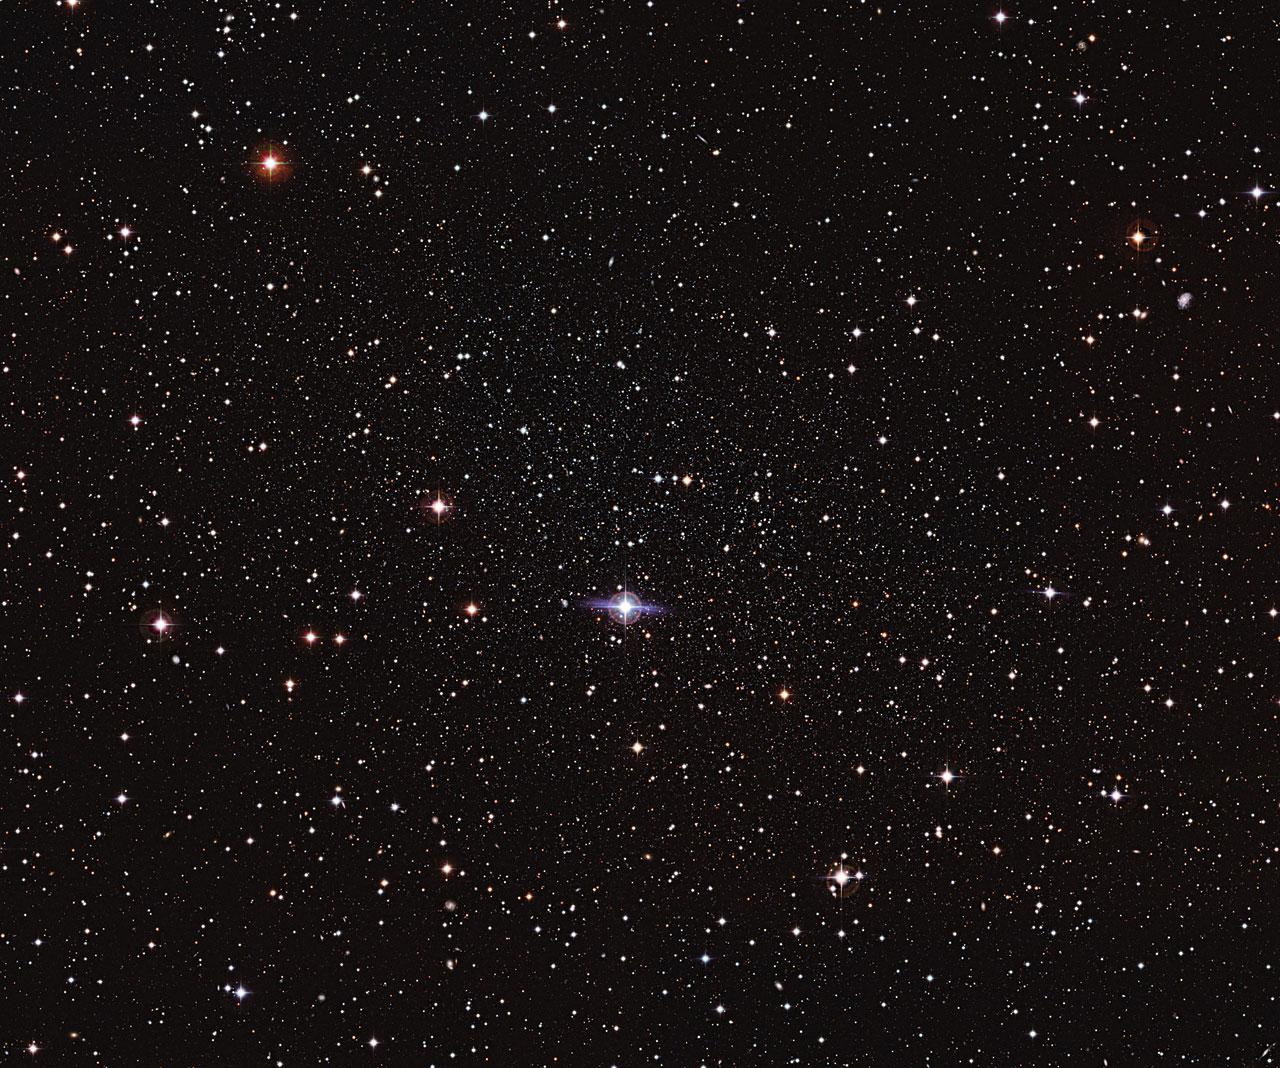 61178cd92f Es una de las galaxias más cercanas a la Tierra, pero la Galaxia Enana  Carina es tan tenue y difusa que los astrónomos sólo la descubrieron en los  años 70.